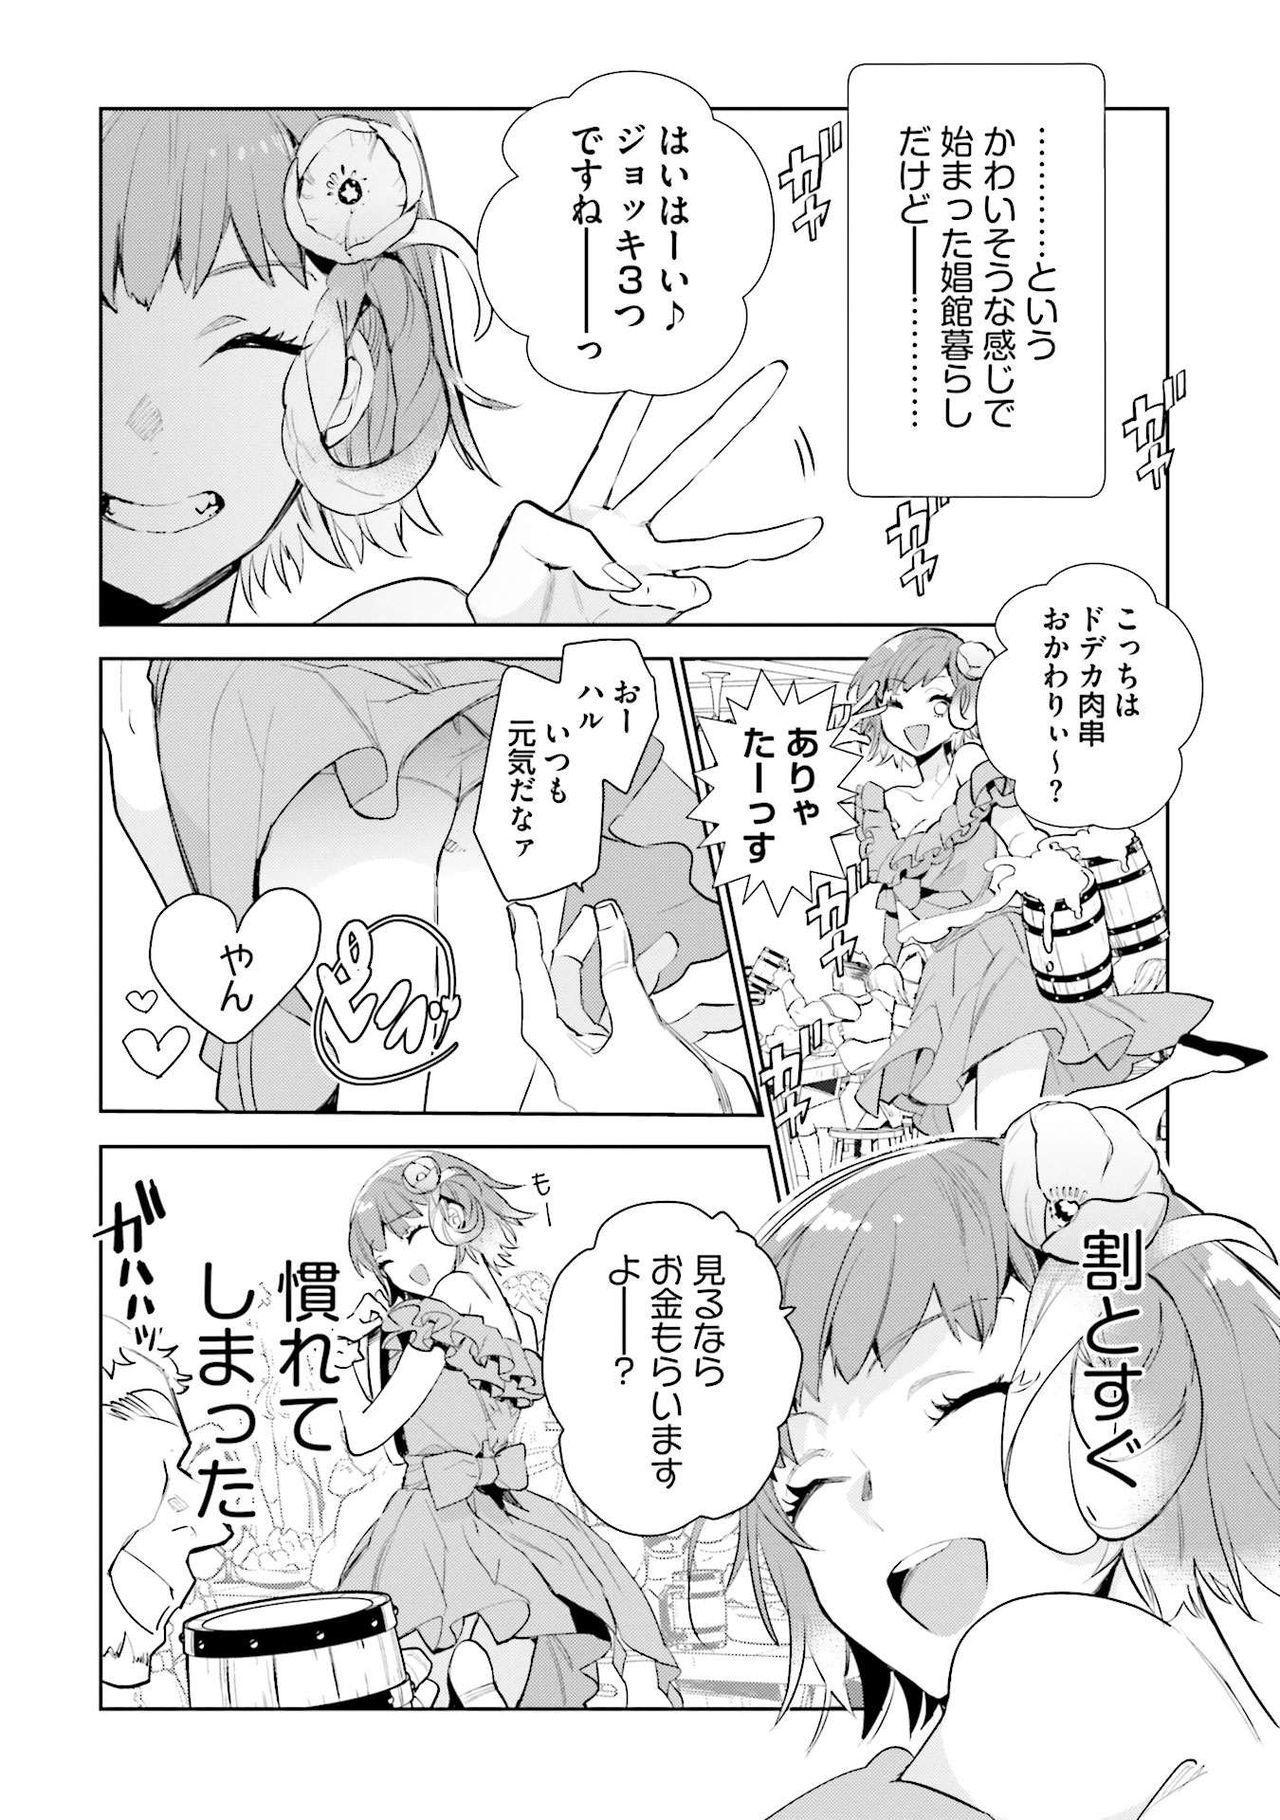 JK Haru wa Isekai de Shoufu ni Natta 1-14 9